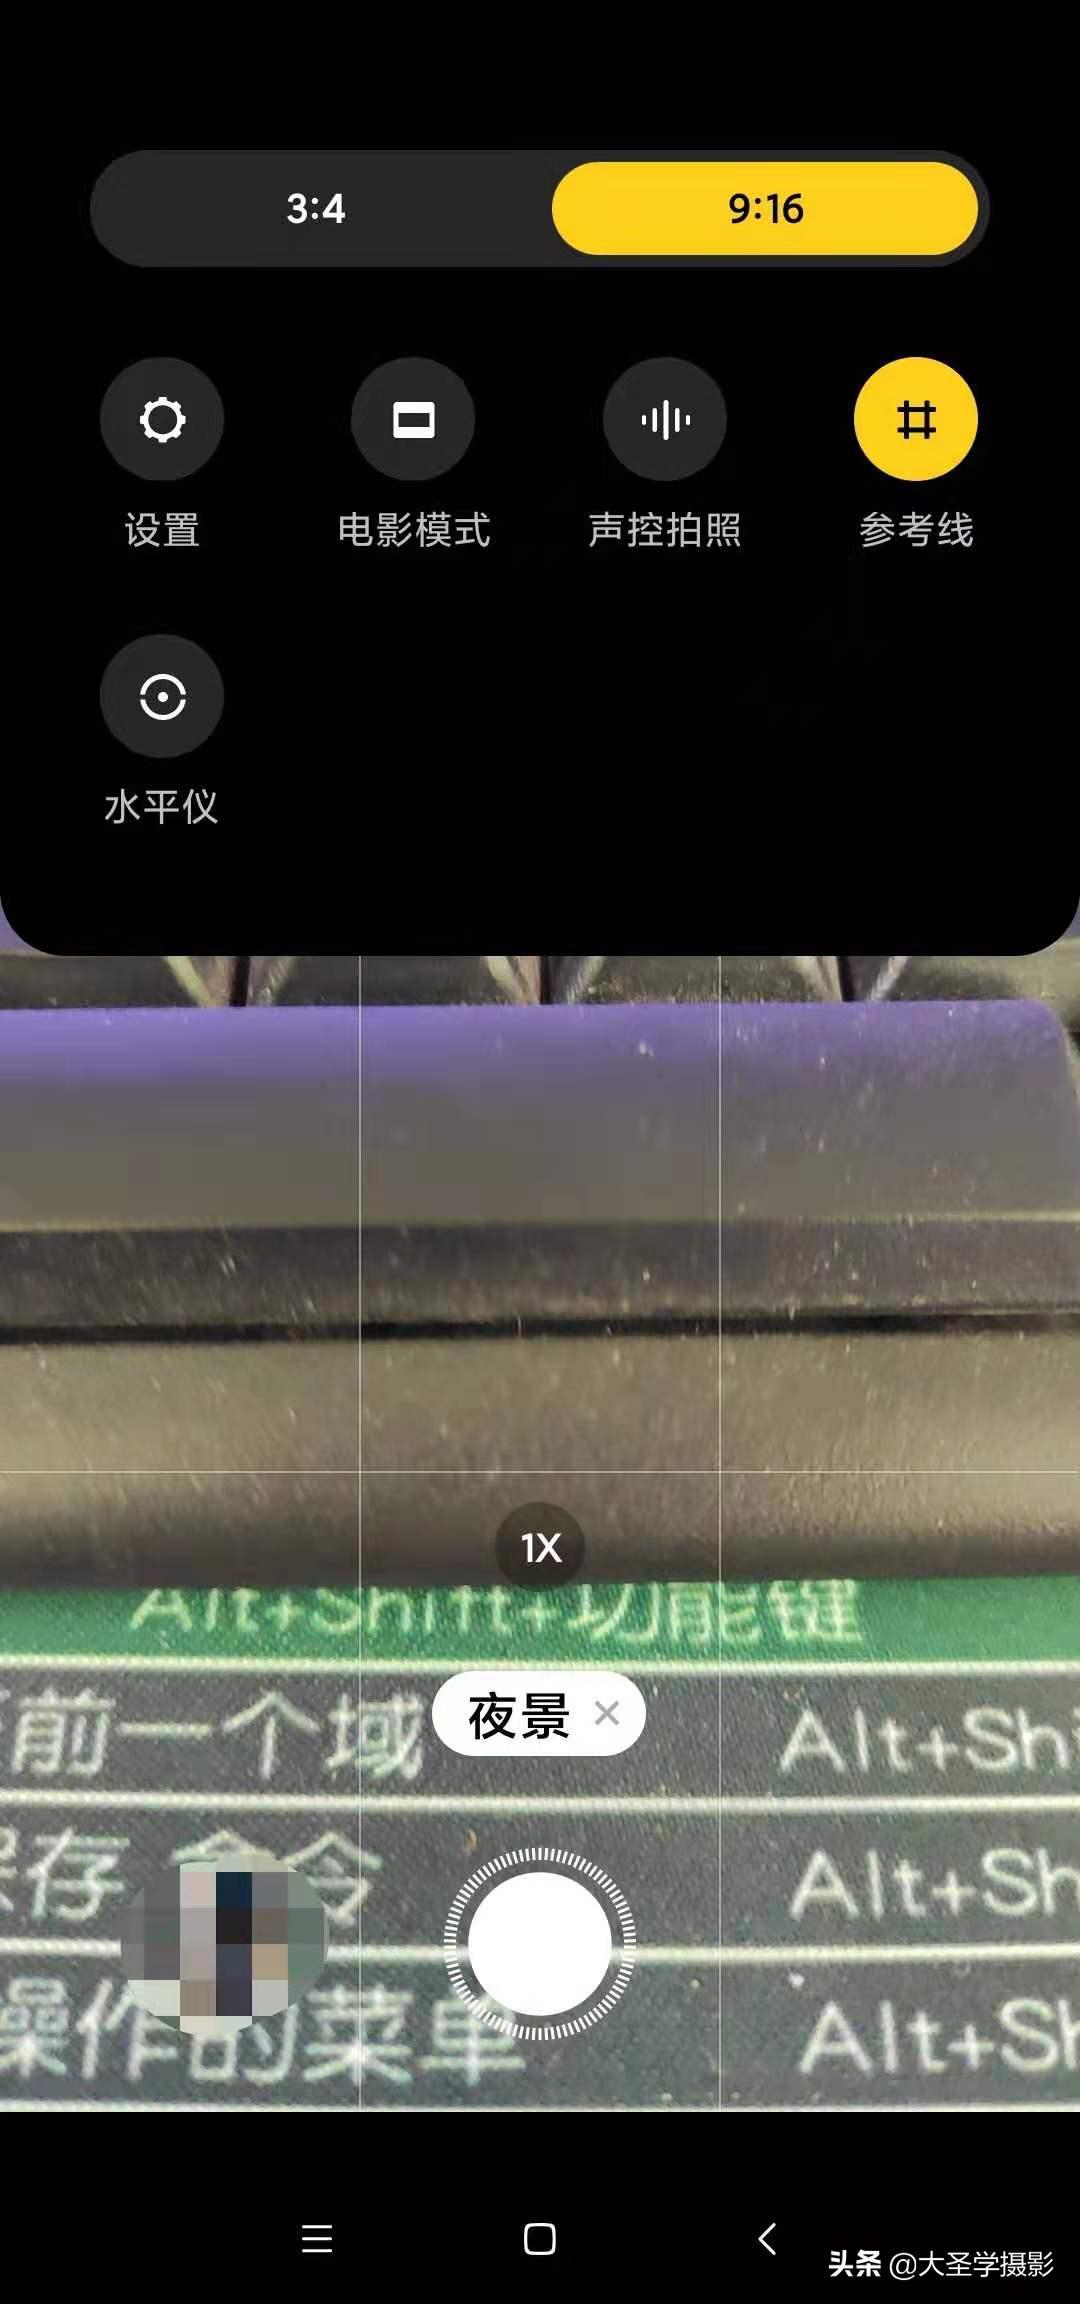 苹果延时摄影怎么用(苹果延时摄影干嘛用的)